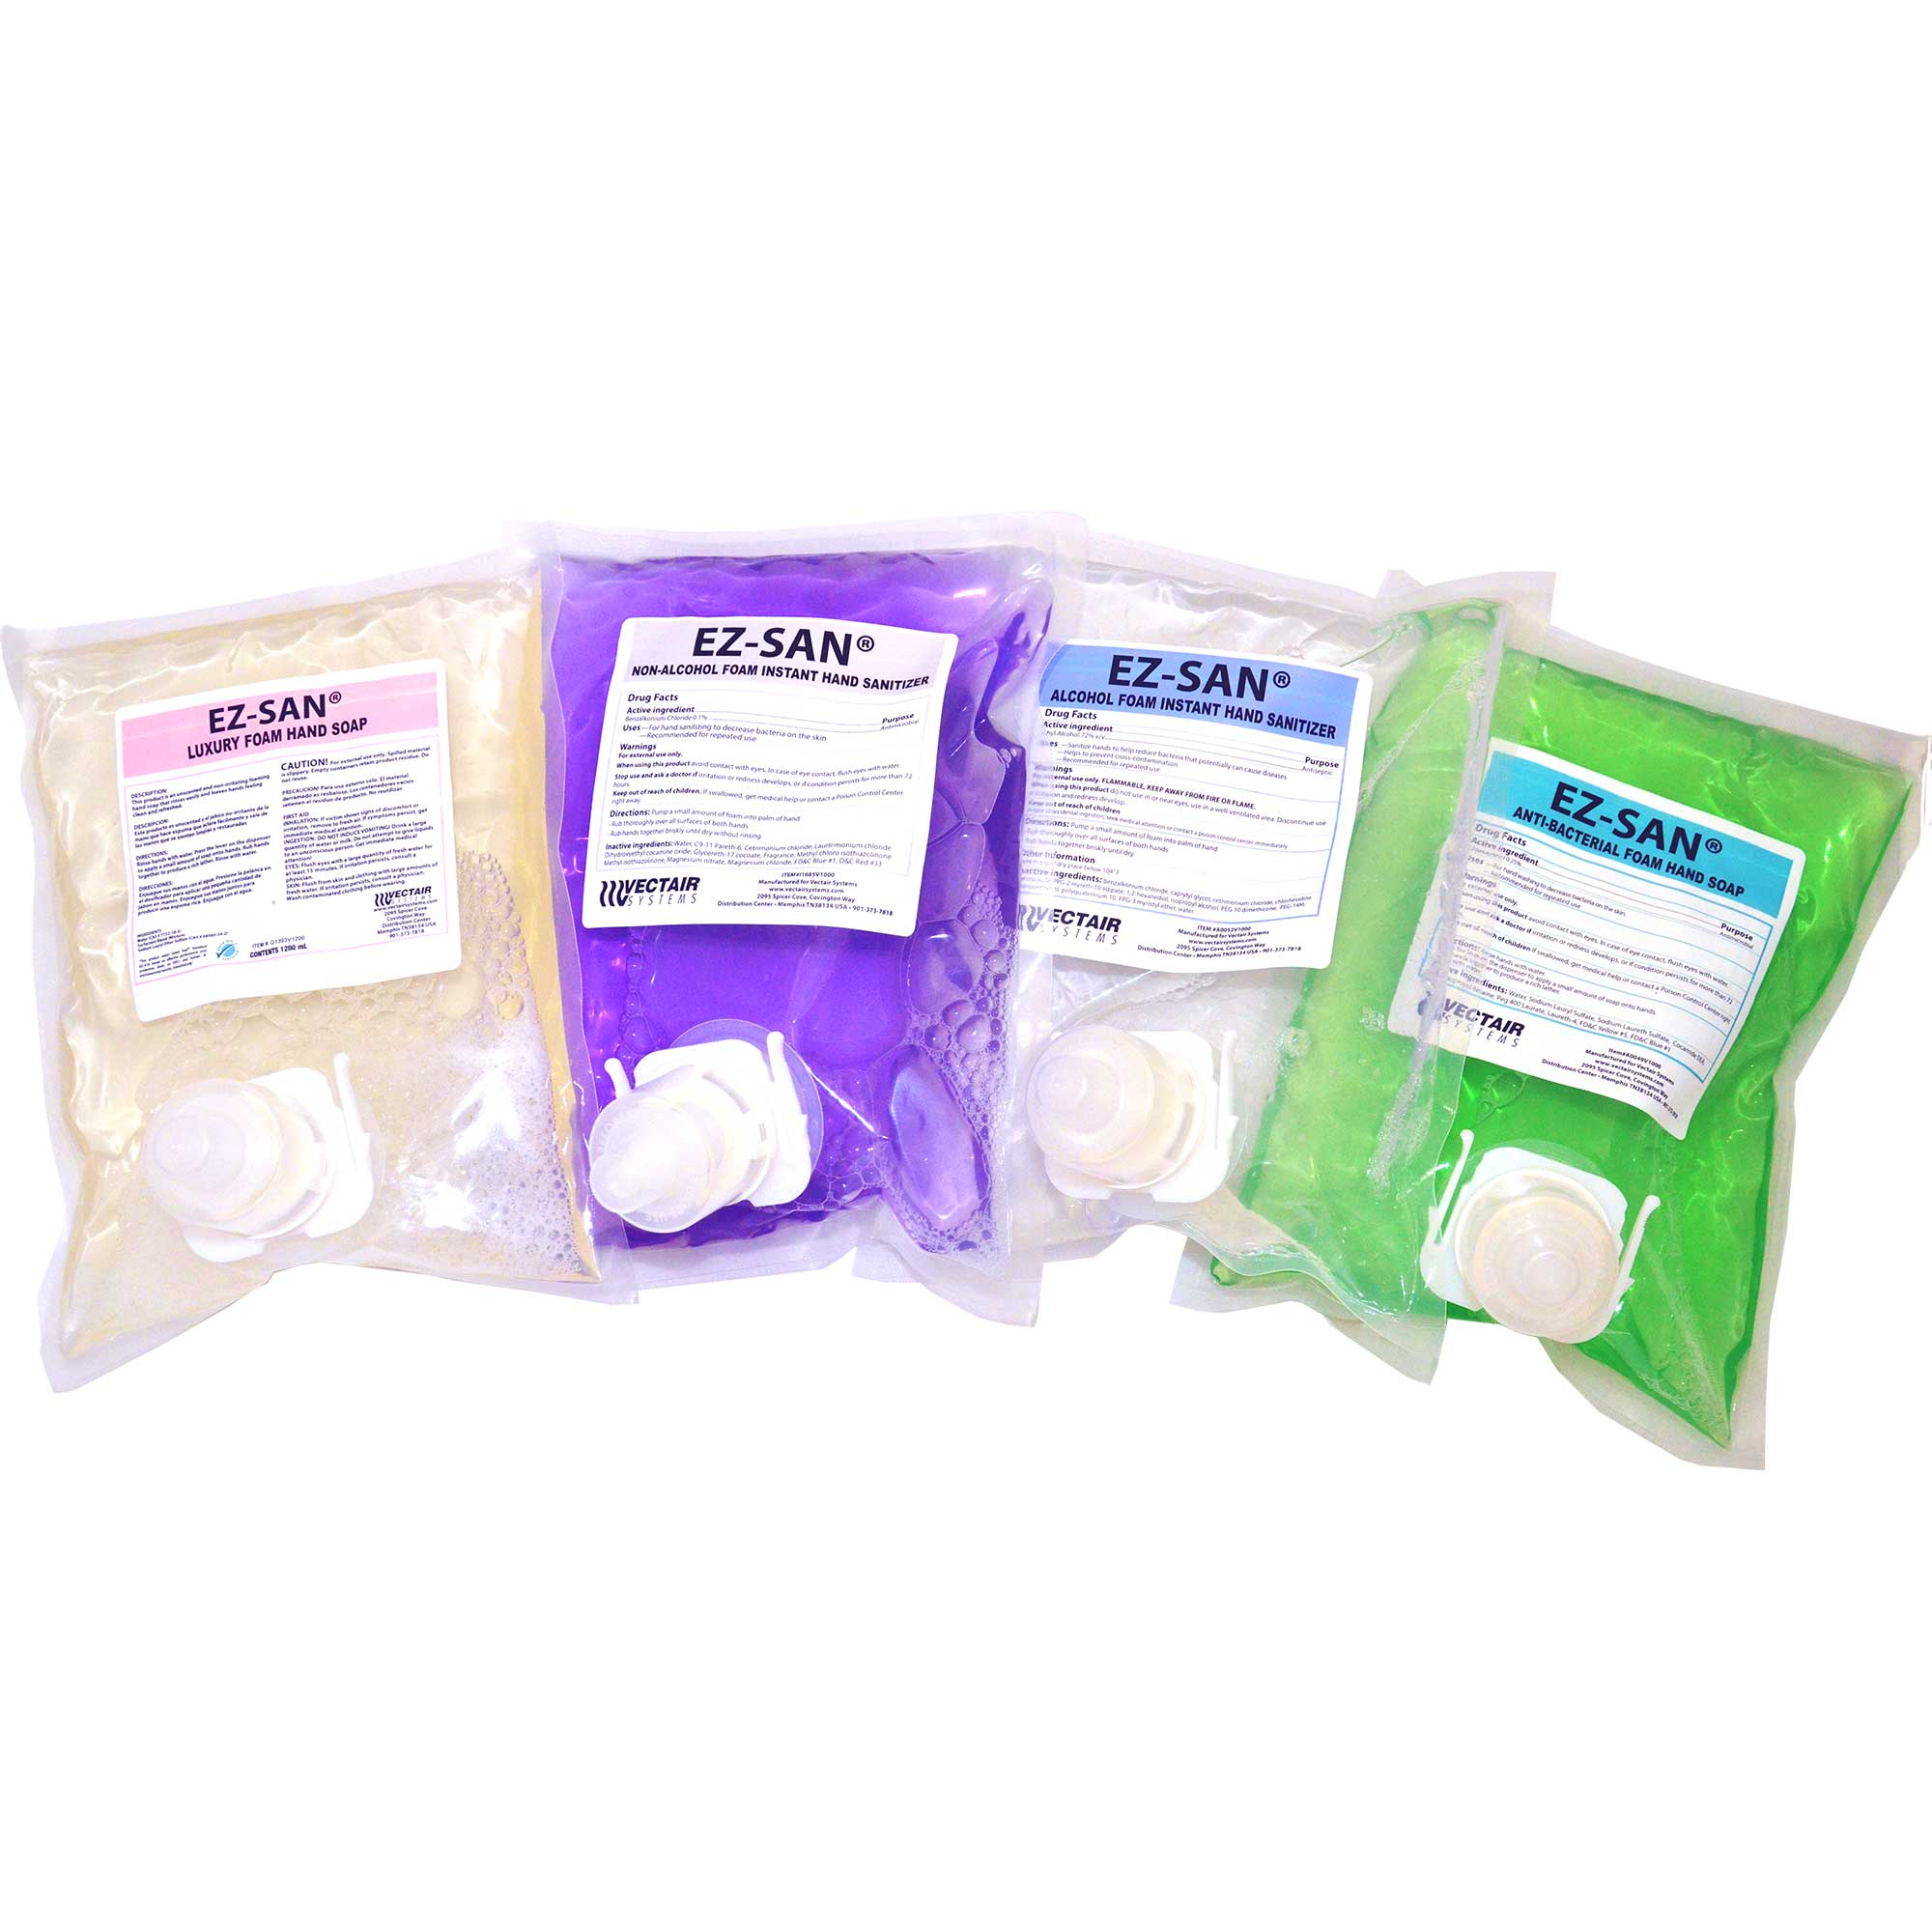 EZ-SAN® Soap Refills